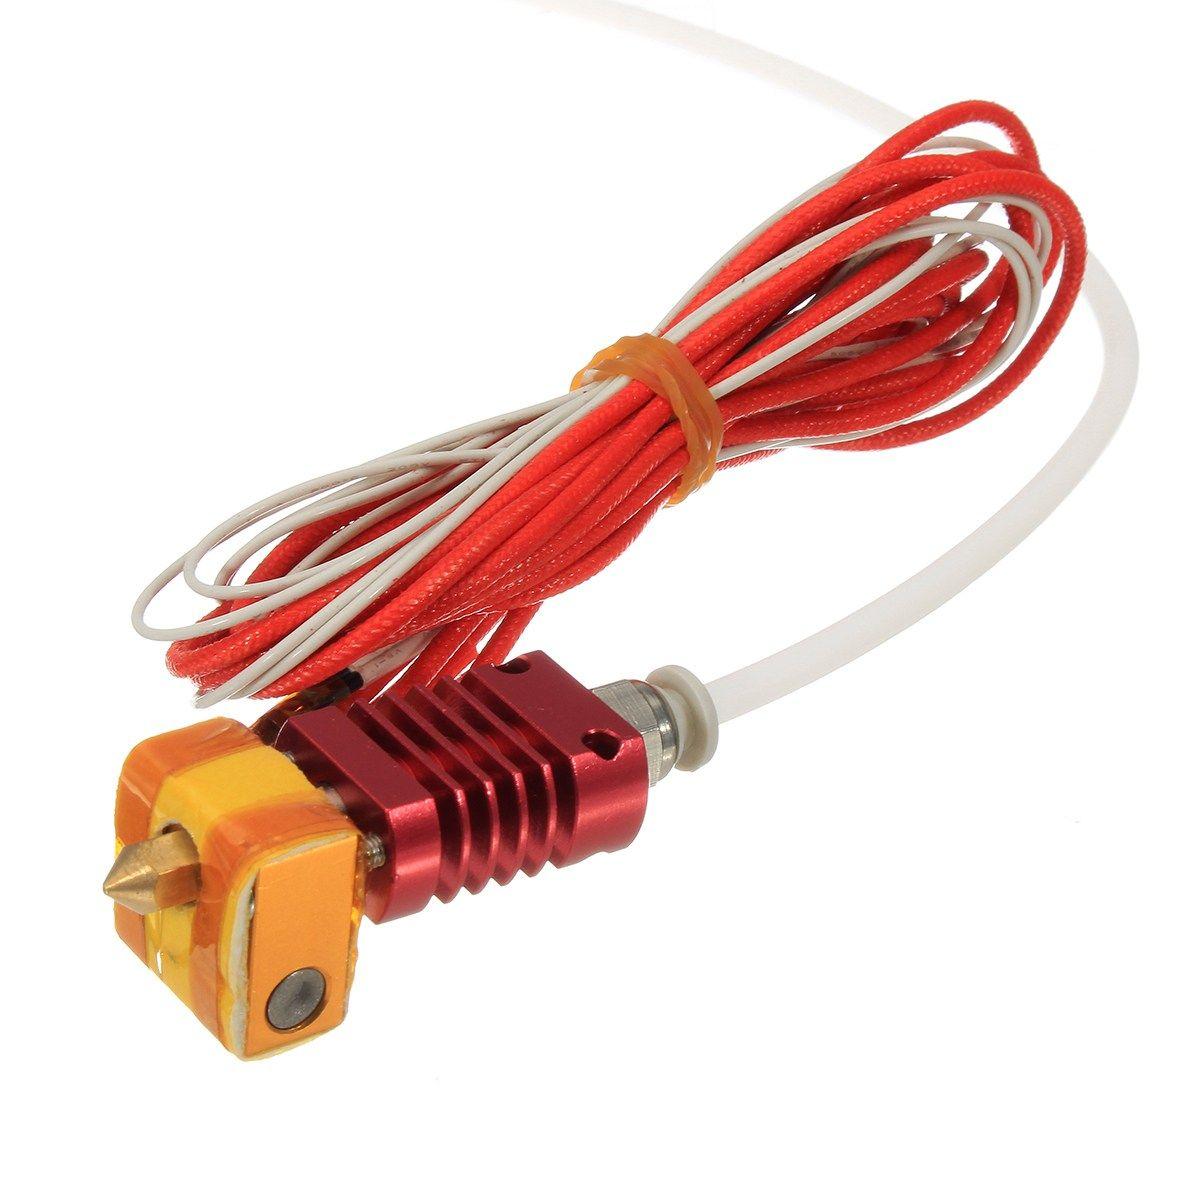 Beste Förderung MK10 12 V/24 V 40 Watt Extruder Hot End Kit 1,75mm 0,4mm Düse Für 3D Drucker